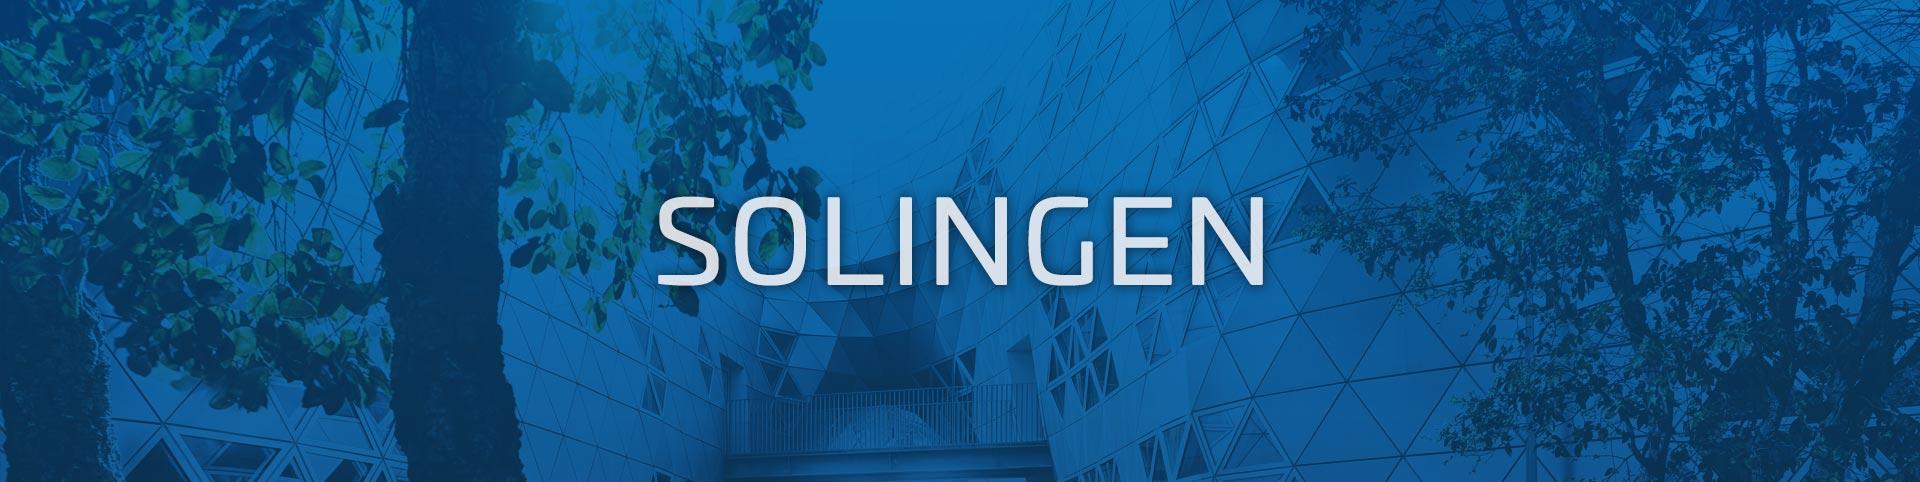 Autozentrum P&A Solingen